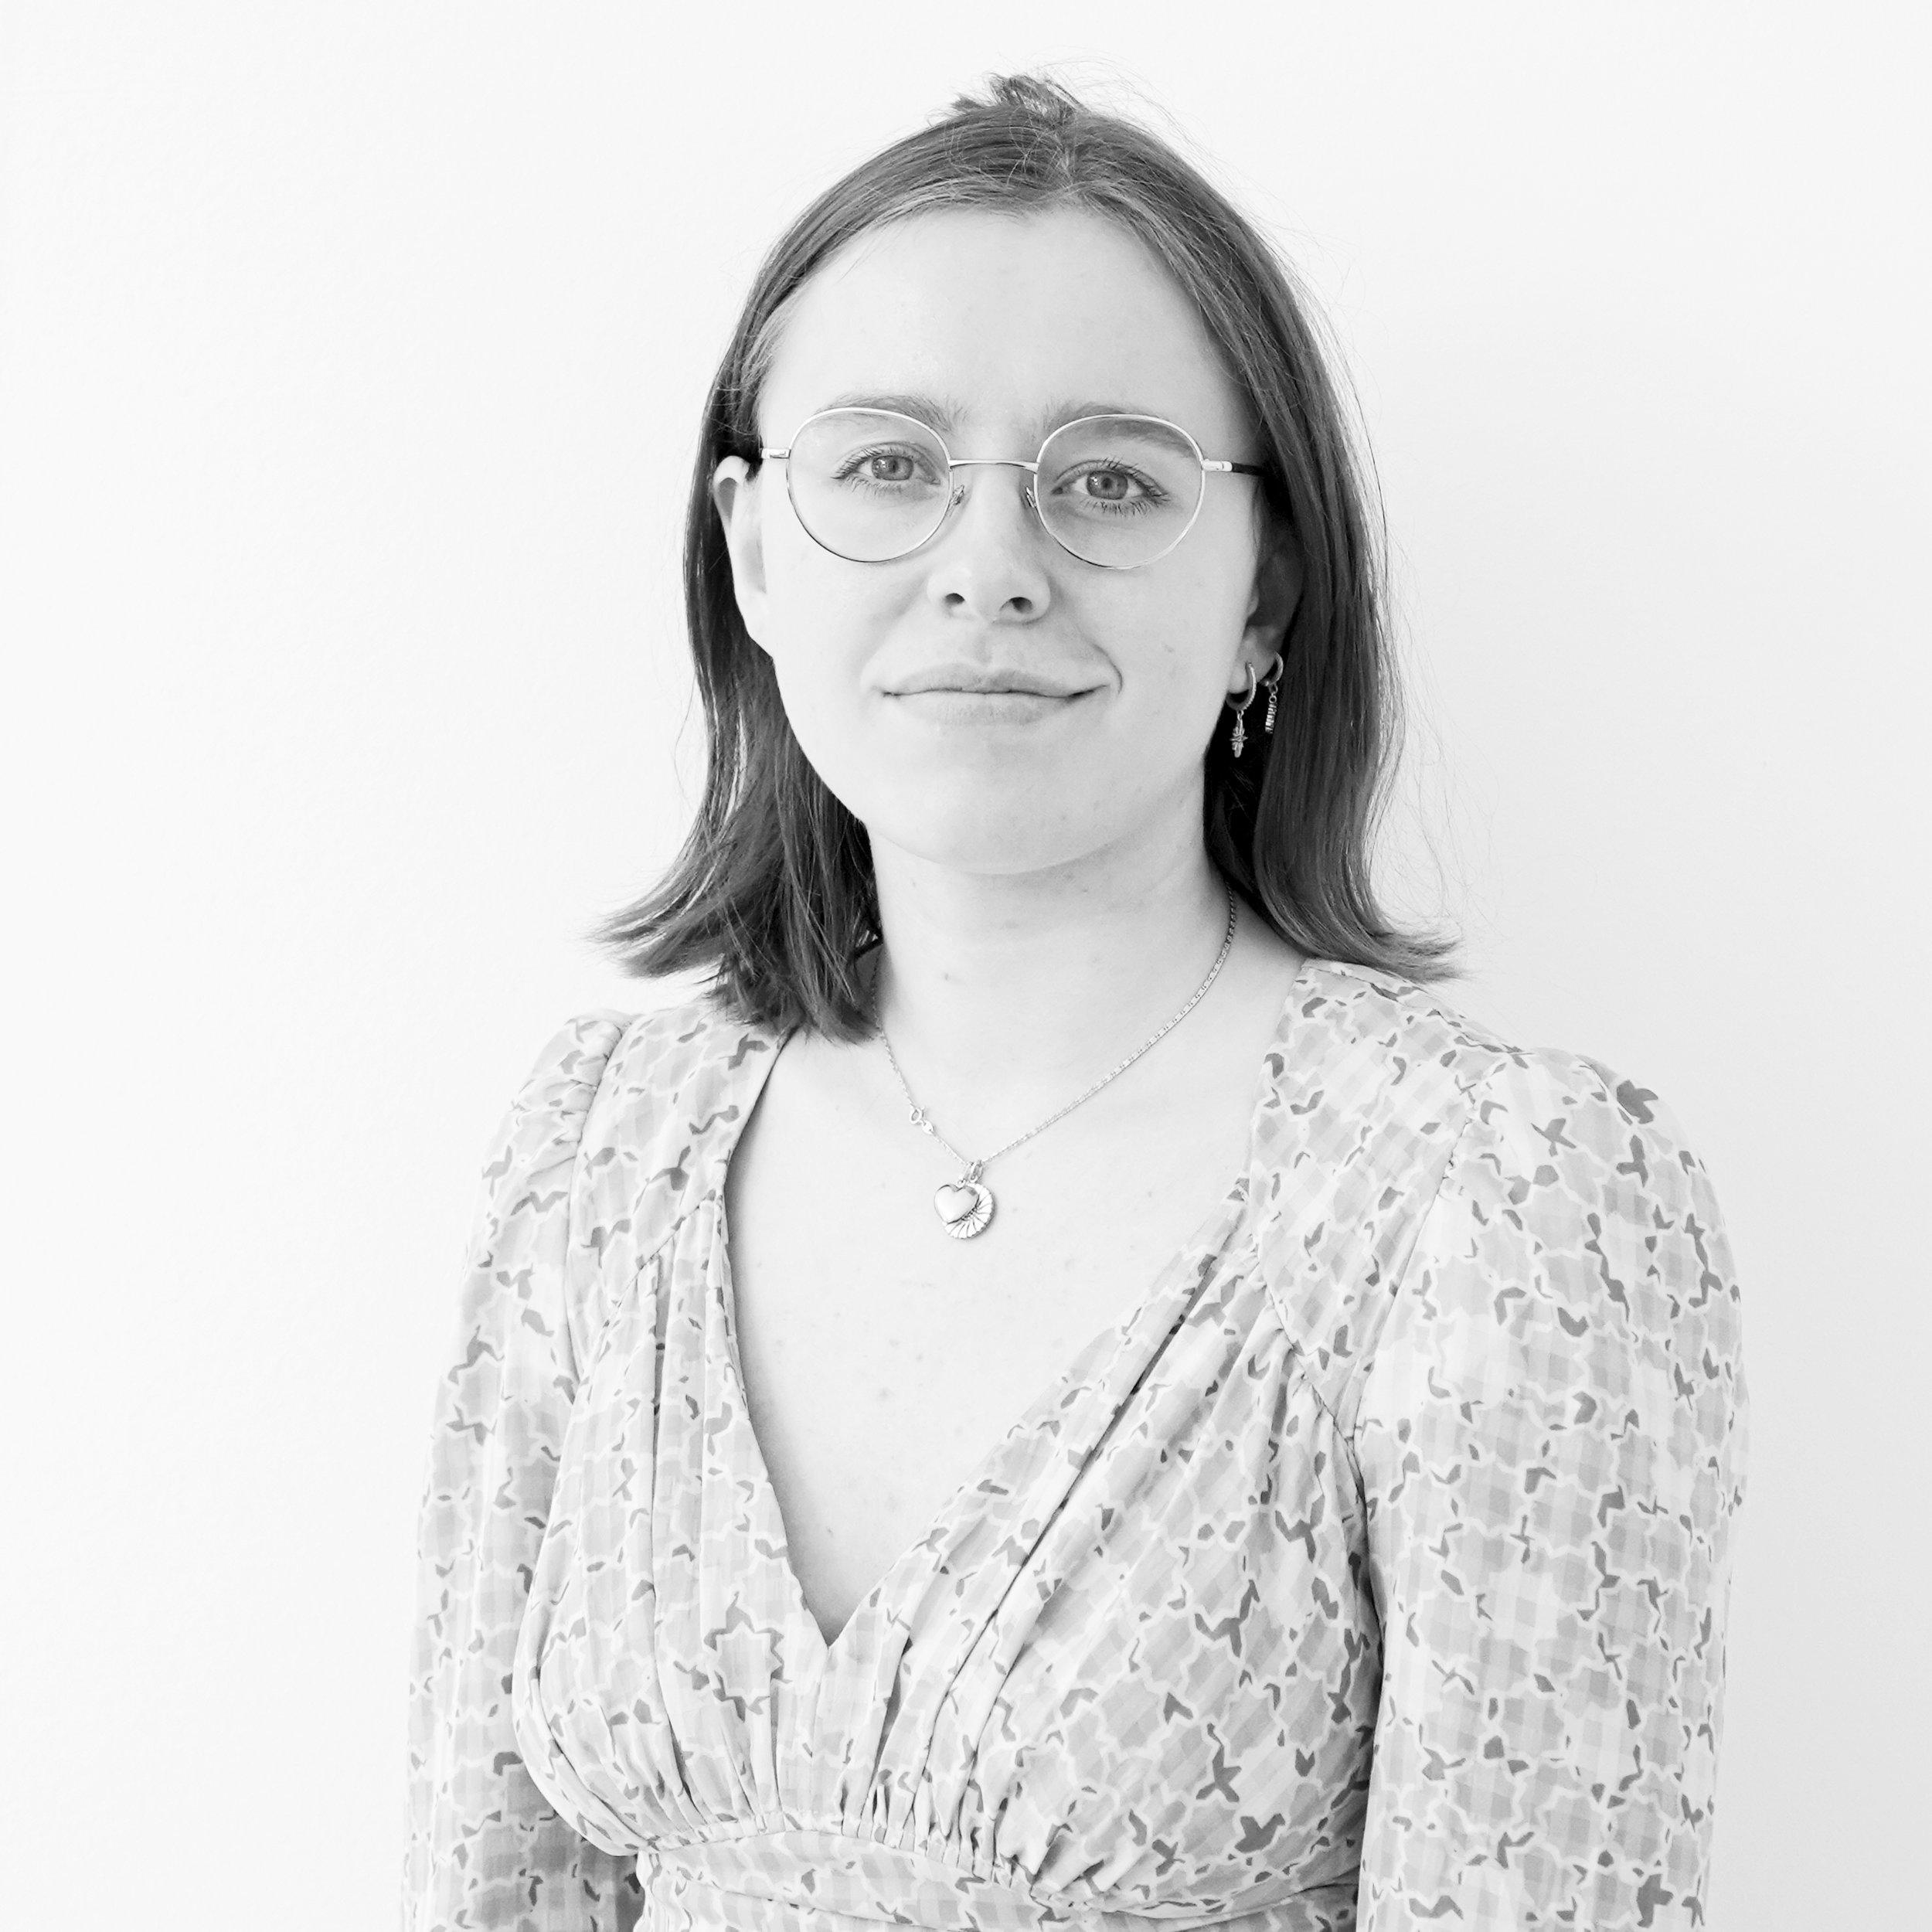 Sarah Gosch Feldthus